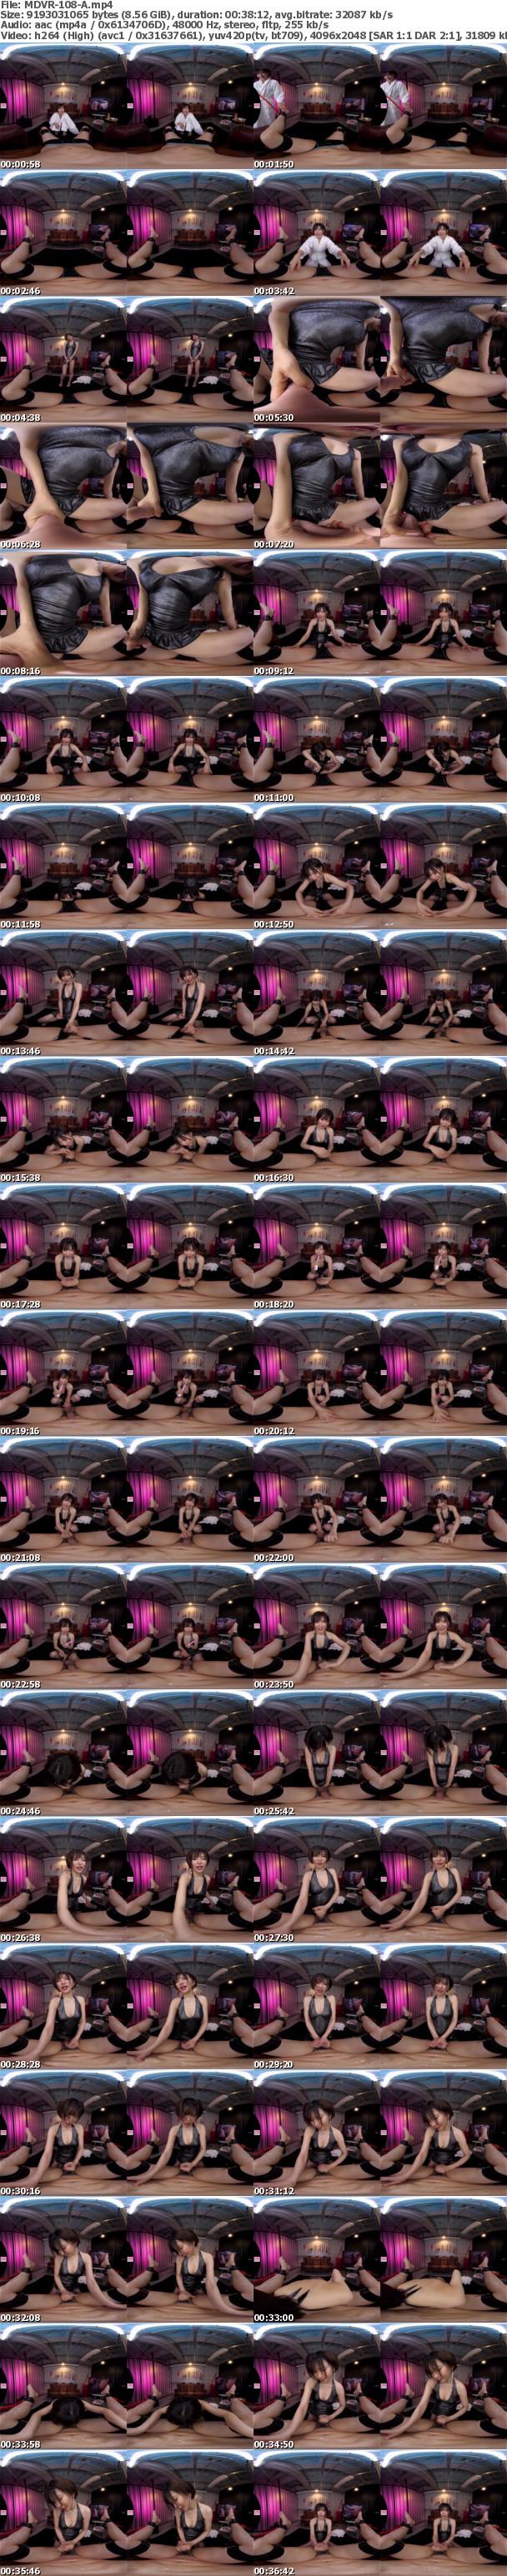 (VR) MDVR-108 ハイクオリティ痴女×高画質 里美ゆりあのイキイキM男開発フルコース強●連射SPECIAL!! 淫語!よだれ!ペニバンアナル!男潮吹き!寸止め手コキ!天井特化騎乗位…!!ゆりあ様の痴女プレイの前では勝手に動くのも射精するのもダメ!絶~っ対!!